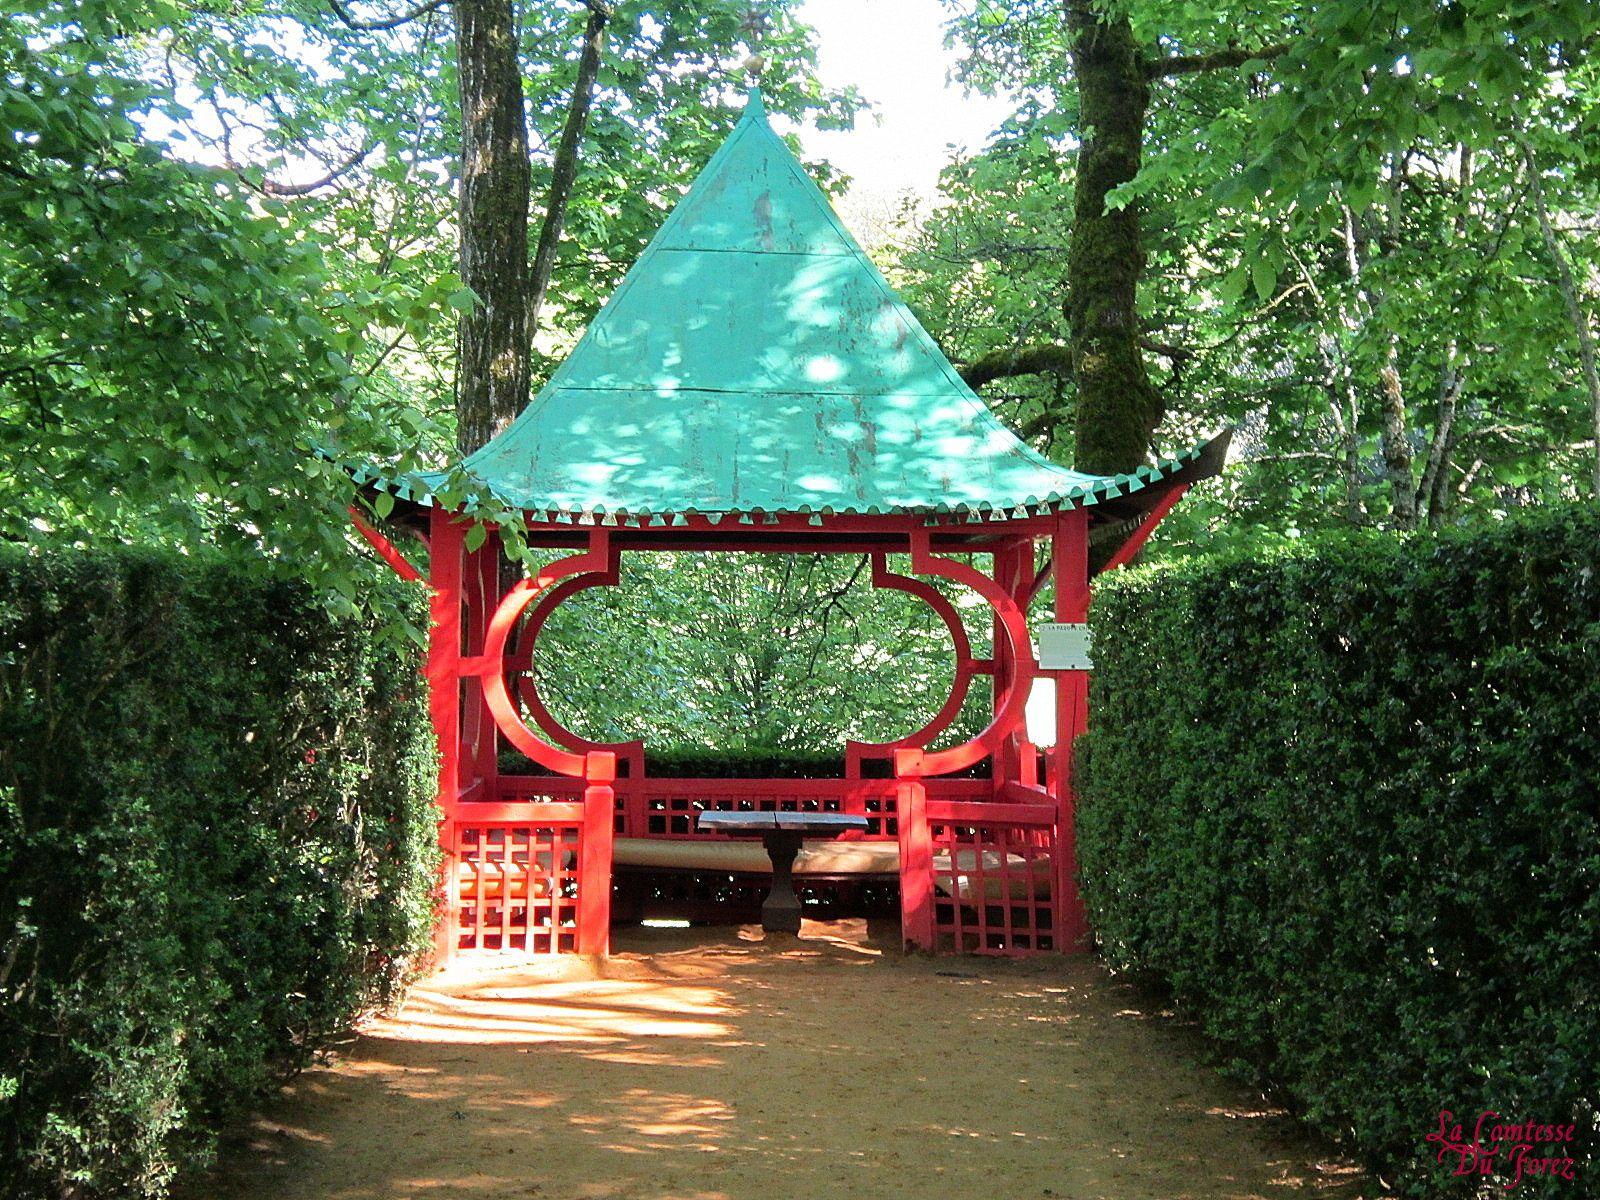 Ces jardins furent crées à l'origine au XVIIIème siècle, dans le style très particulier des jardins à la française